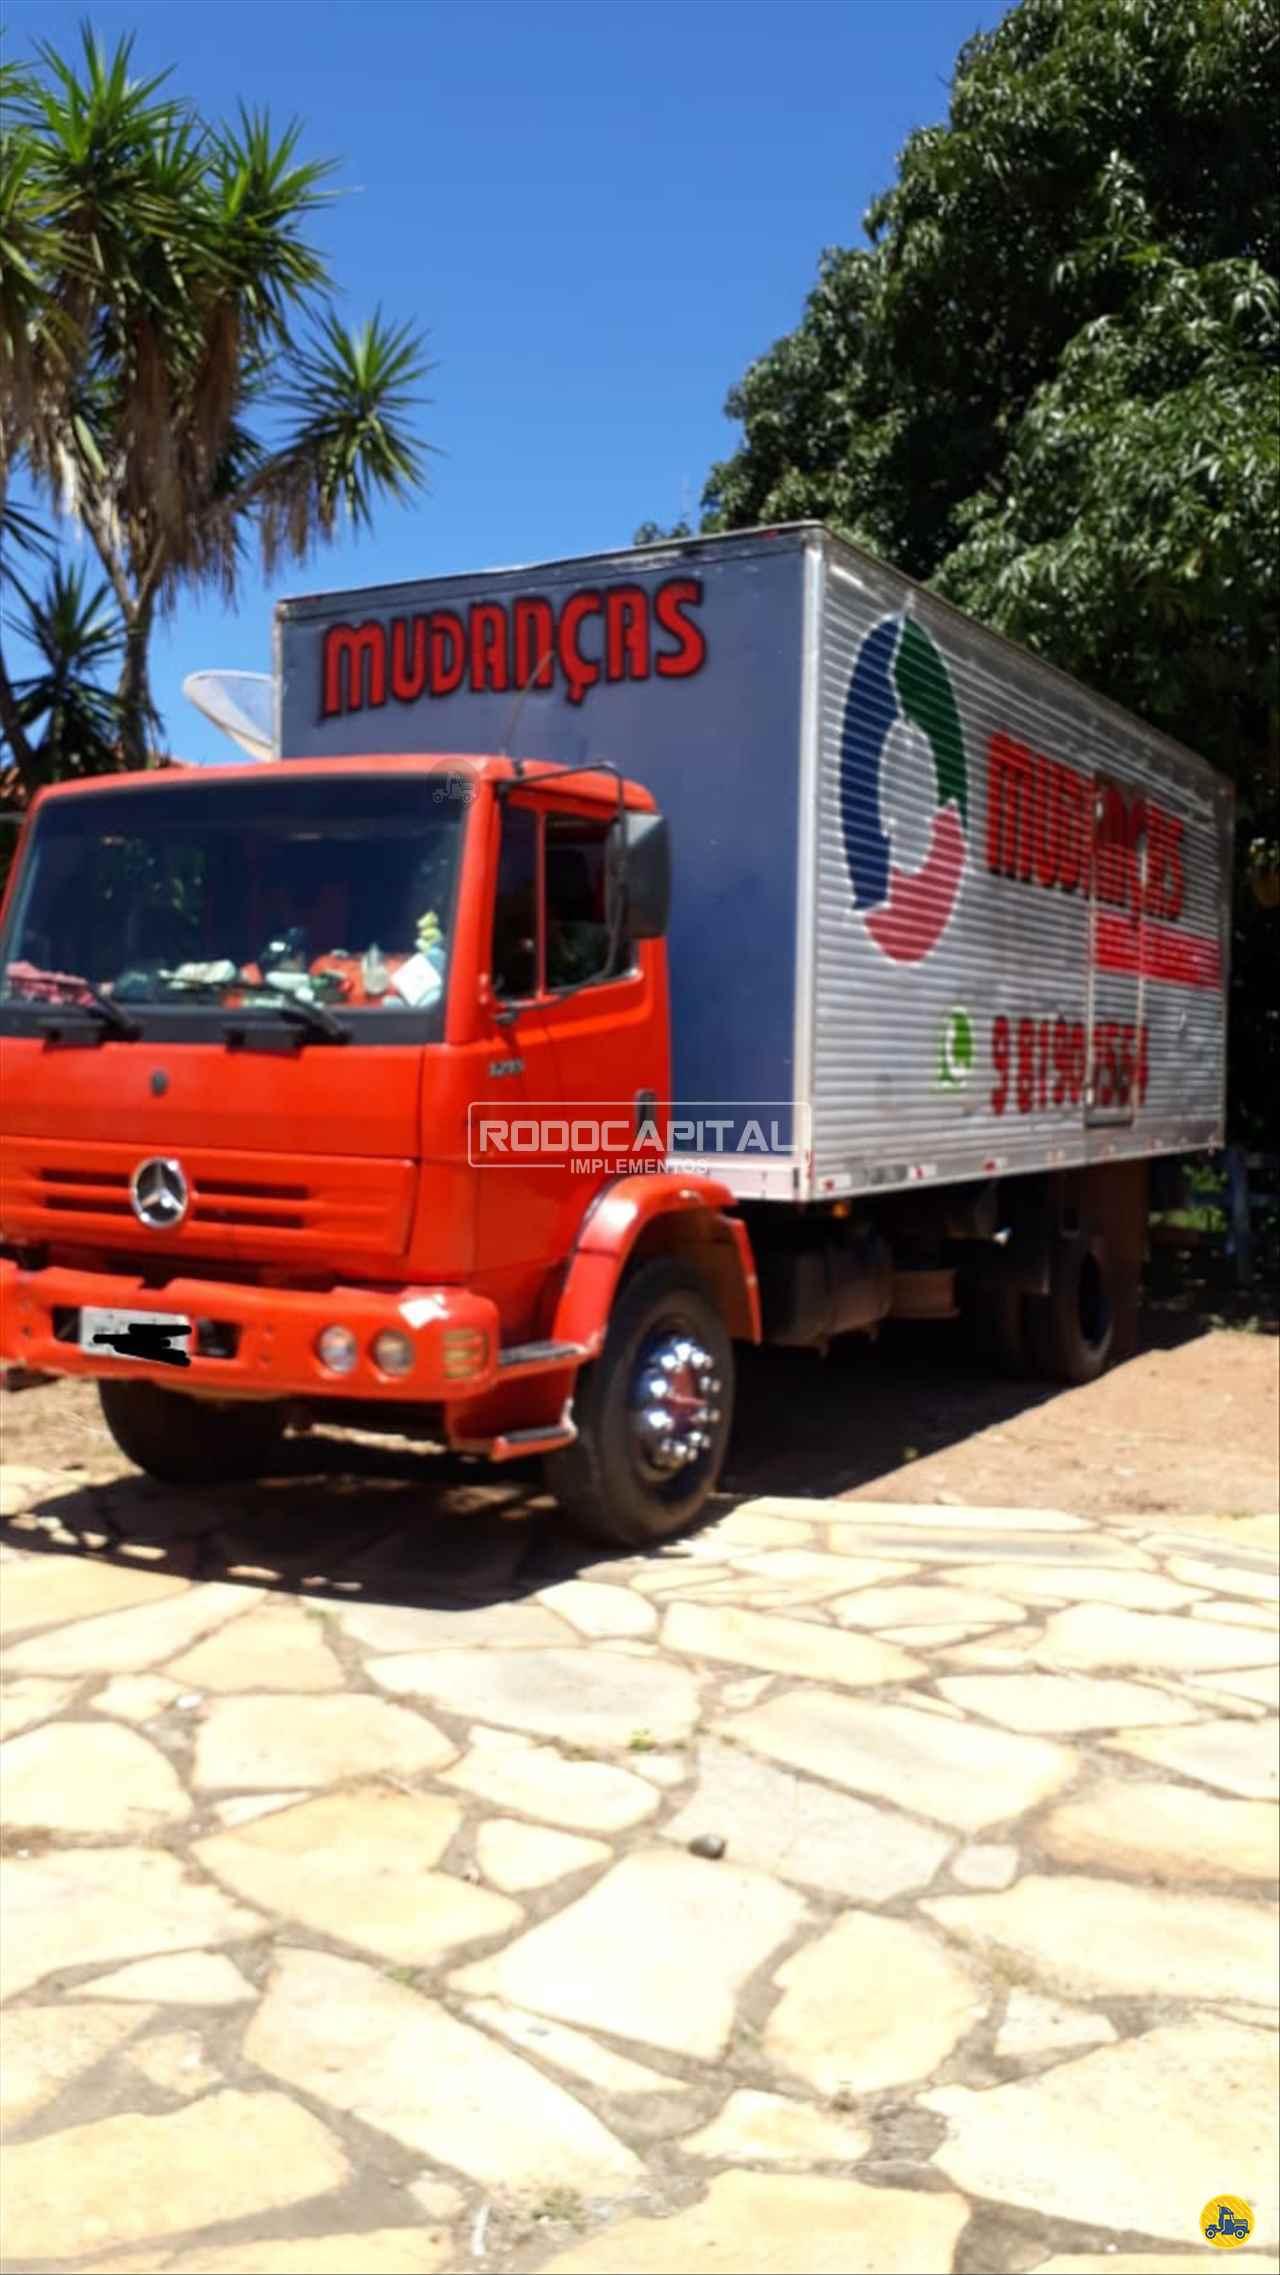 CAMINHAO MERCEDES-BENZ MB 1215 Baú Furgão Toco 4x2 RODOCAPITAL - TRUCKVAN BRASILIA DISTRITO FEDERAL DF